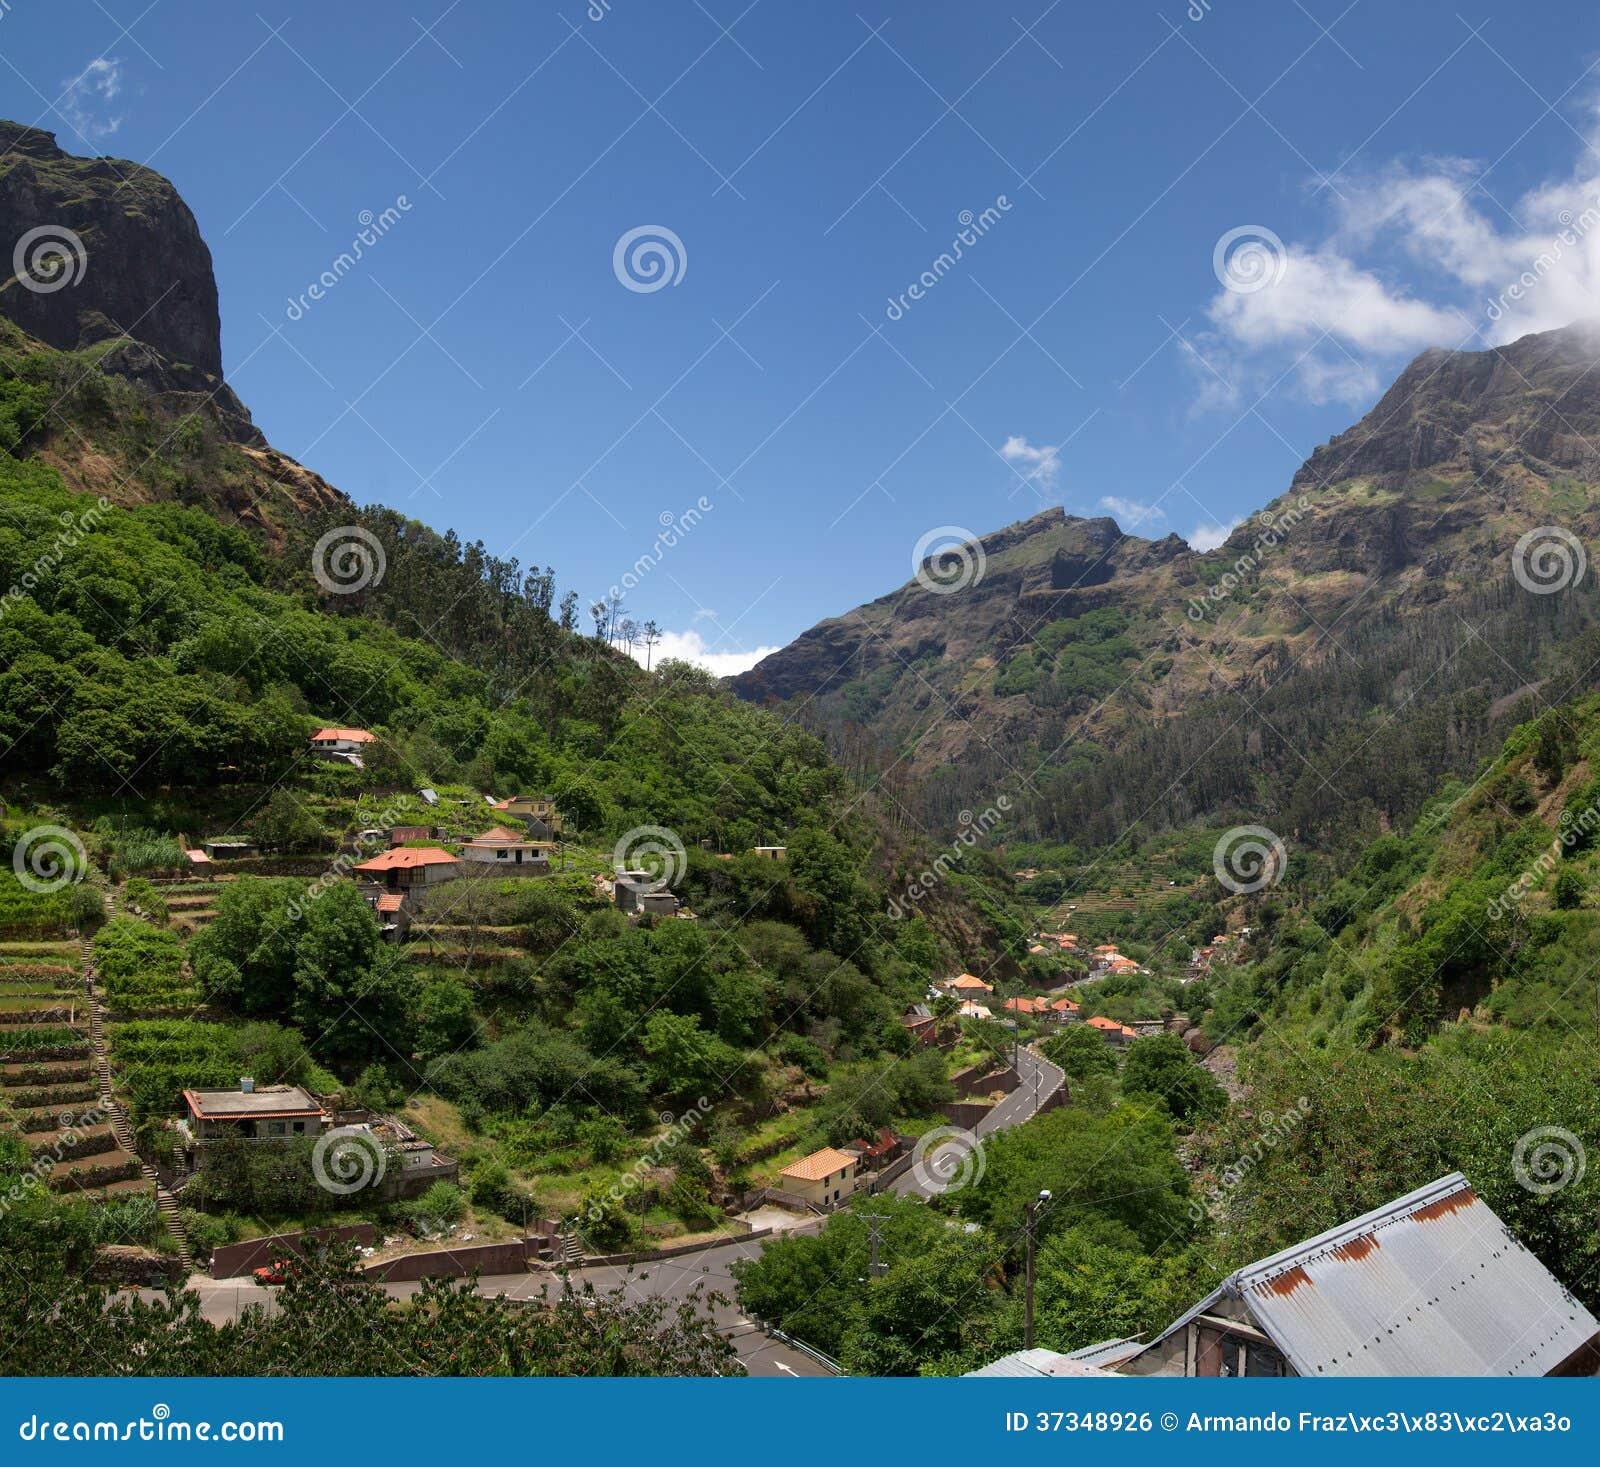 Valle de Curral das Freiras, Madeira